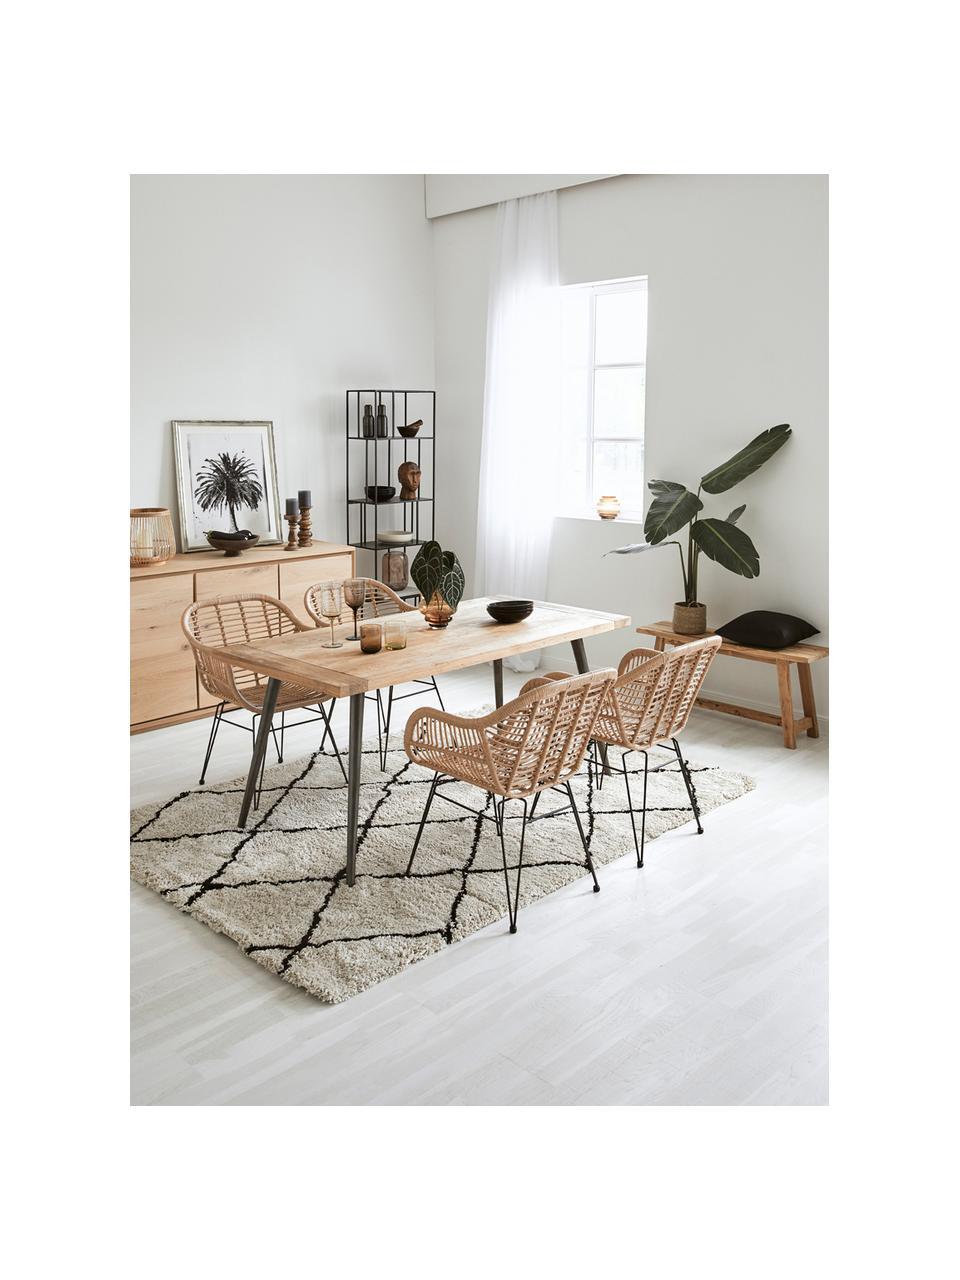 Polyratanová židle spodručkami Costa, 2ks, Světle hnědá Nohy: černá